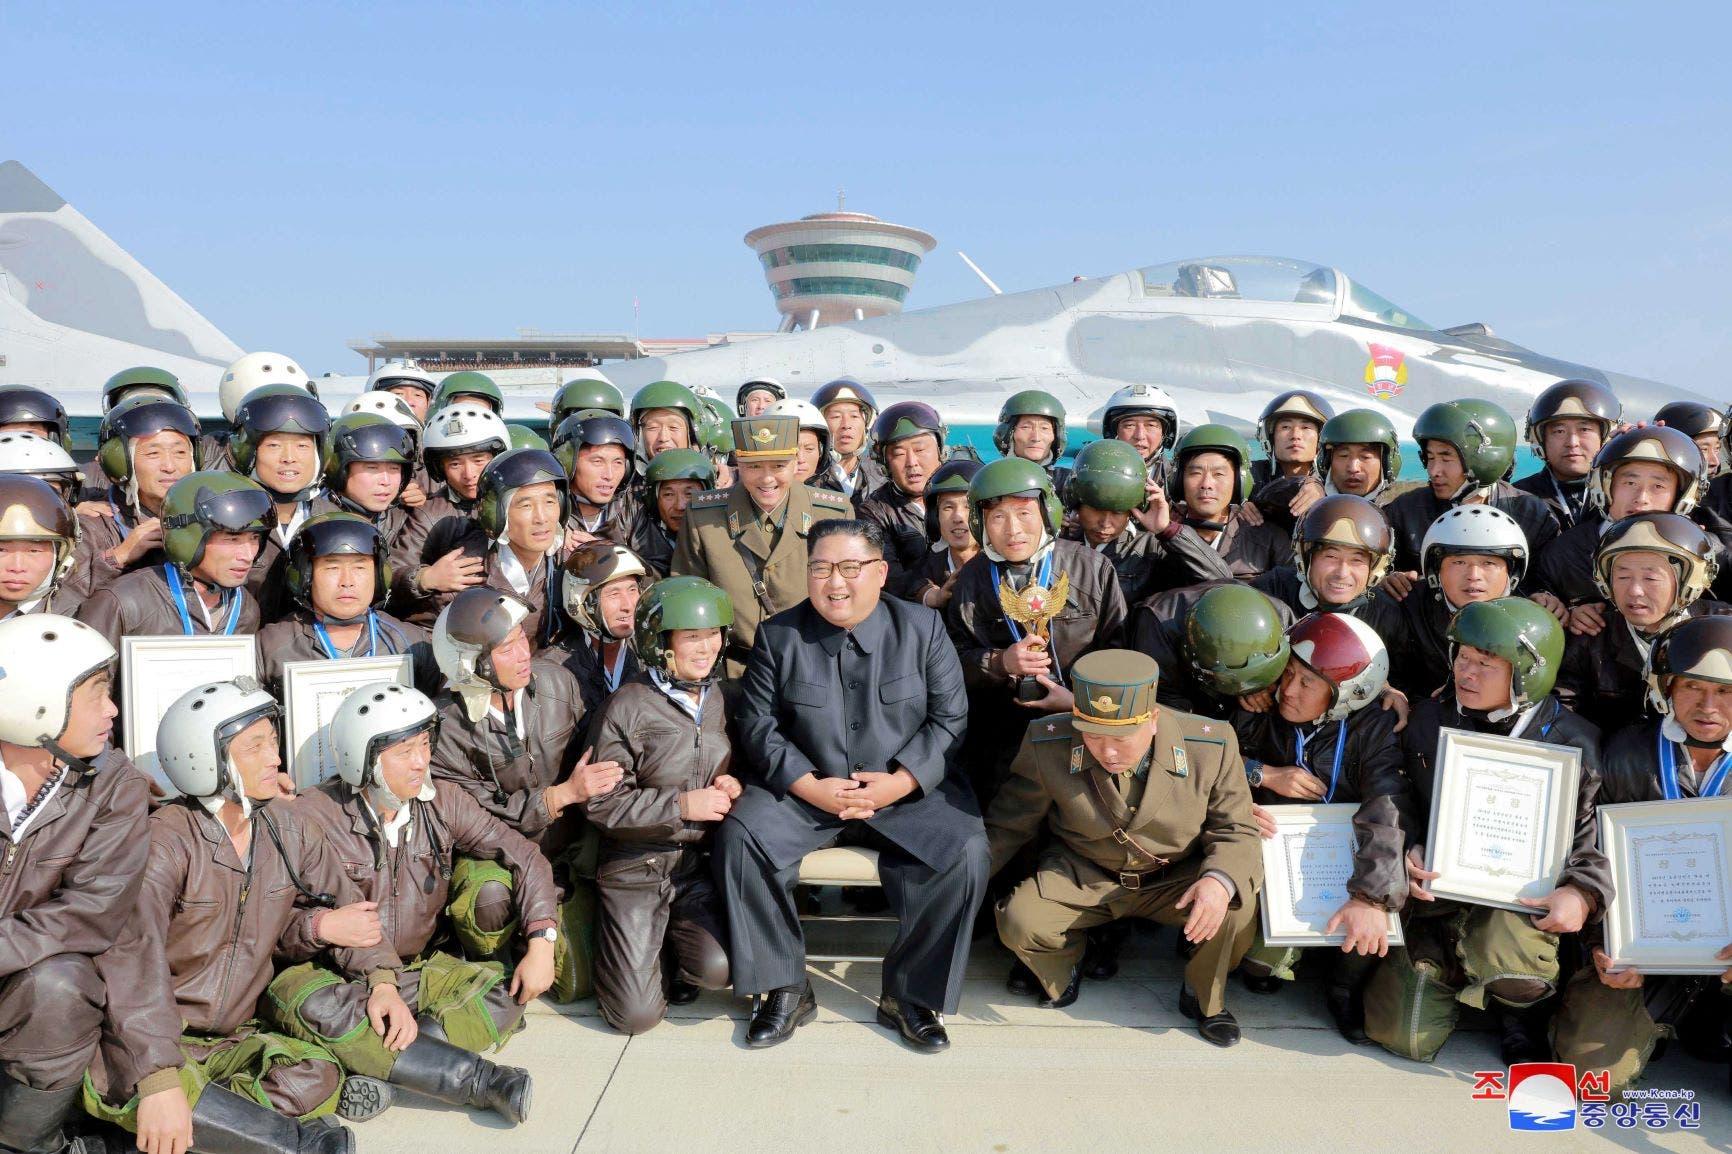 كيم مع القوات الجوية (رويترز)